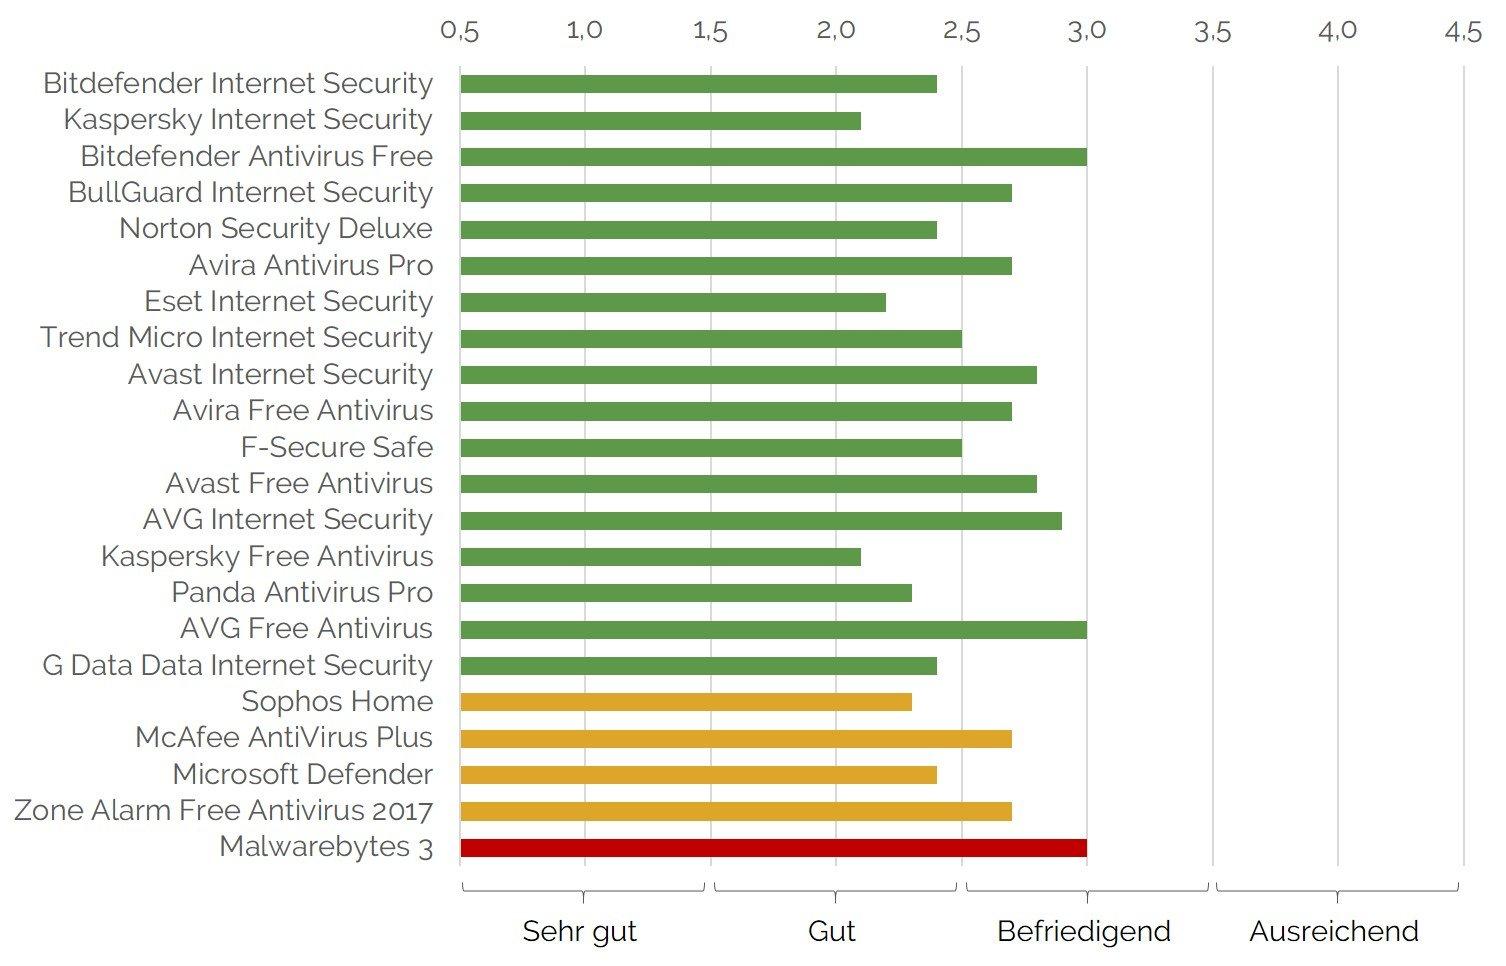 Ranking in Kategorie Handhabung von 22 Antivirenprogrammen im Test der Stiftung Warentest im März 2018